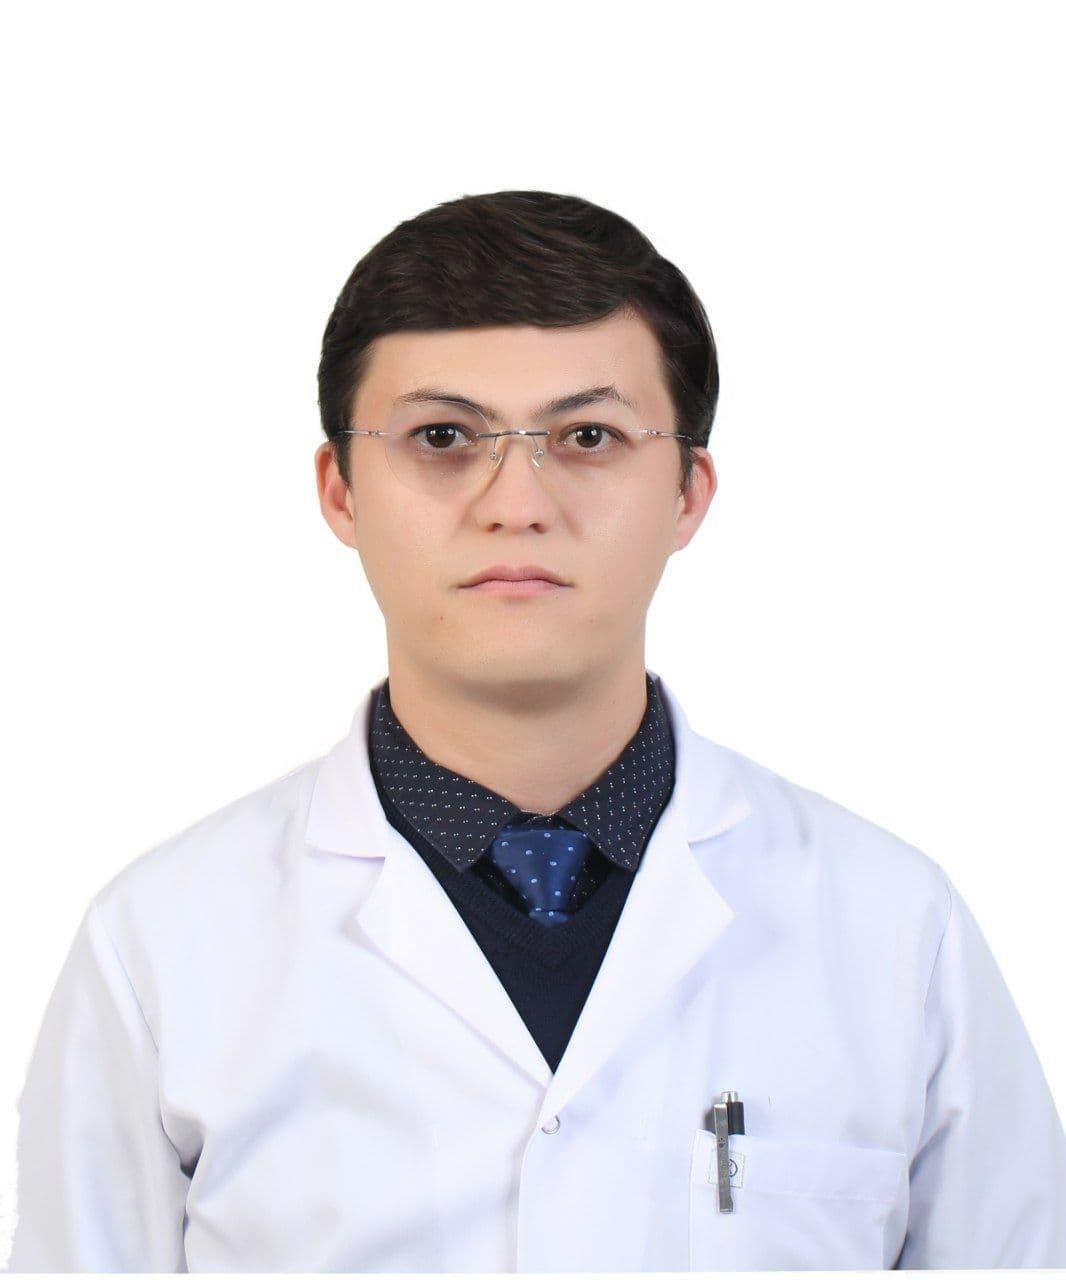 Маллаев Максуд онколог 2